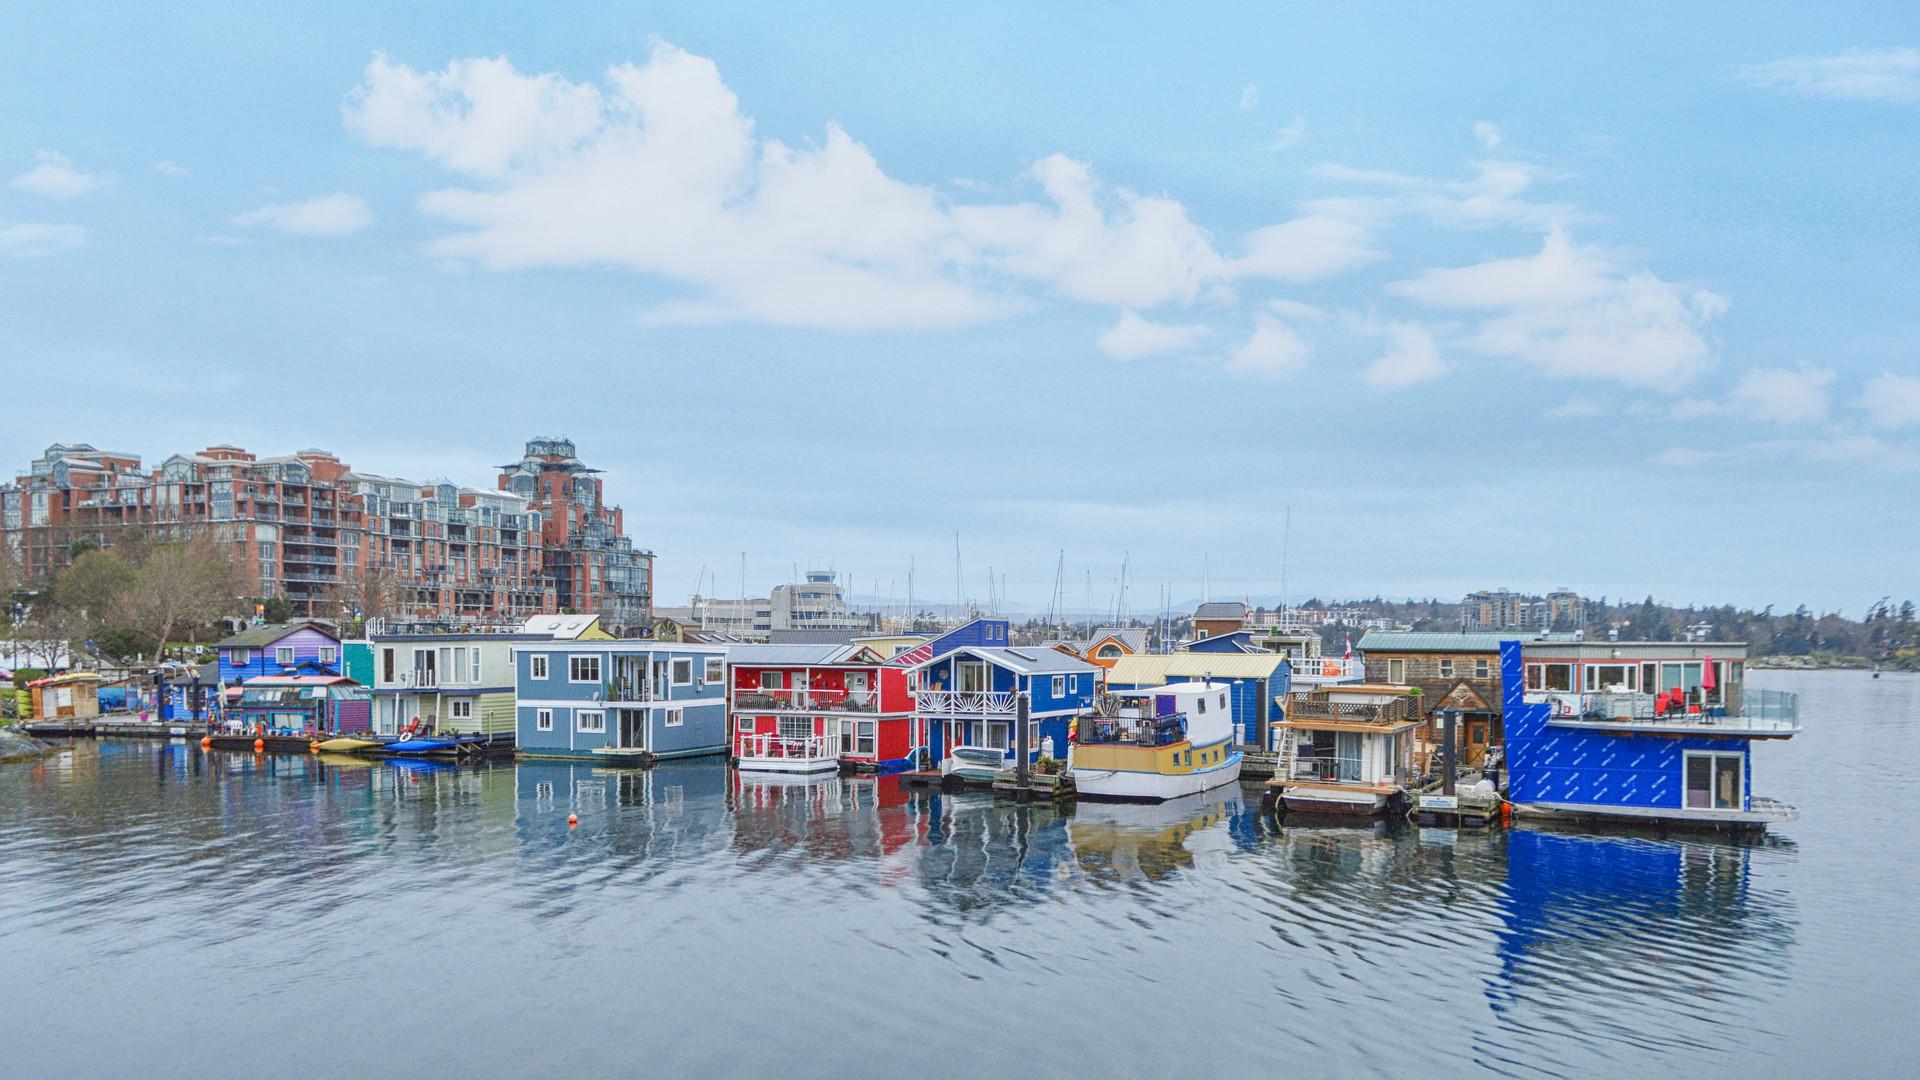 温哥华渔人码头封面图